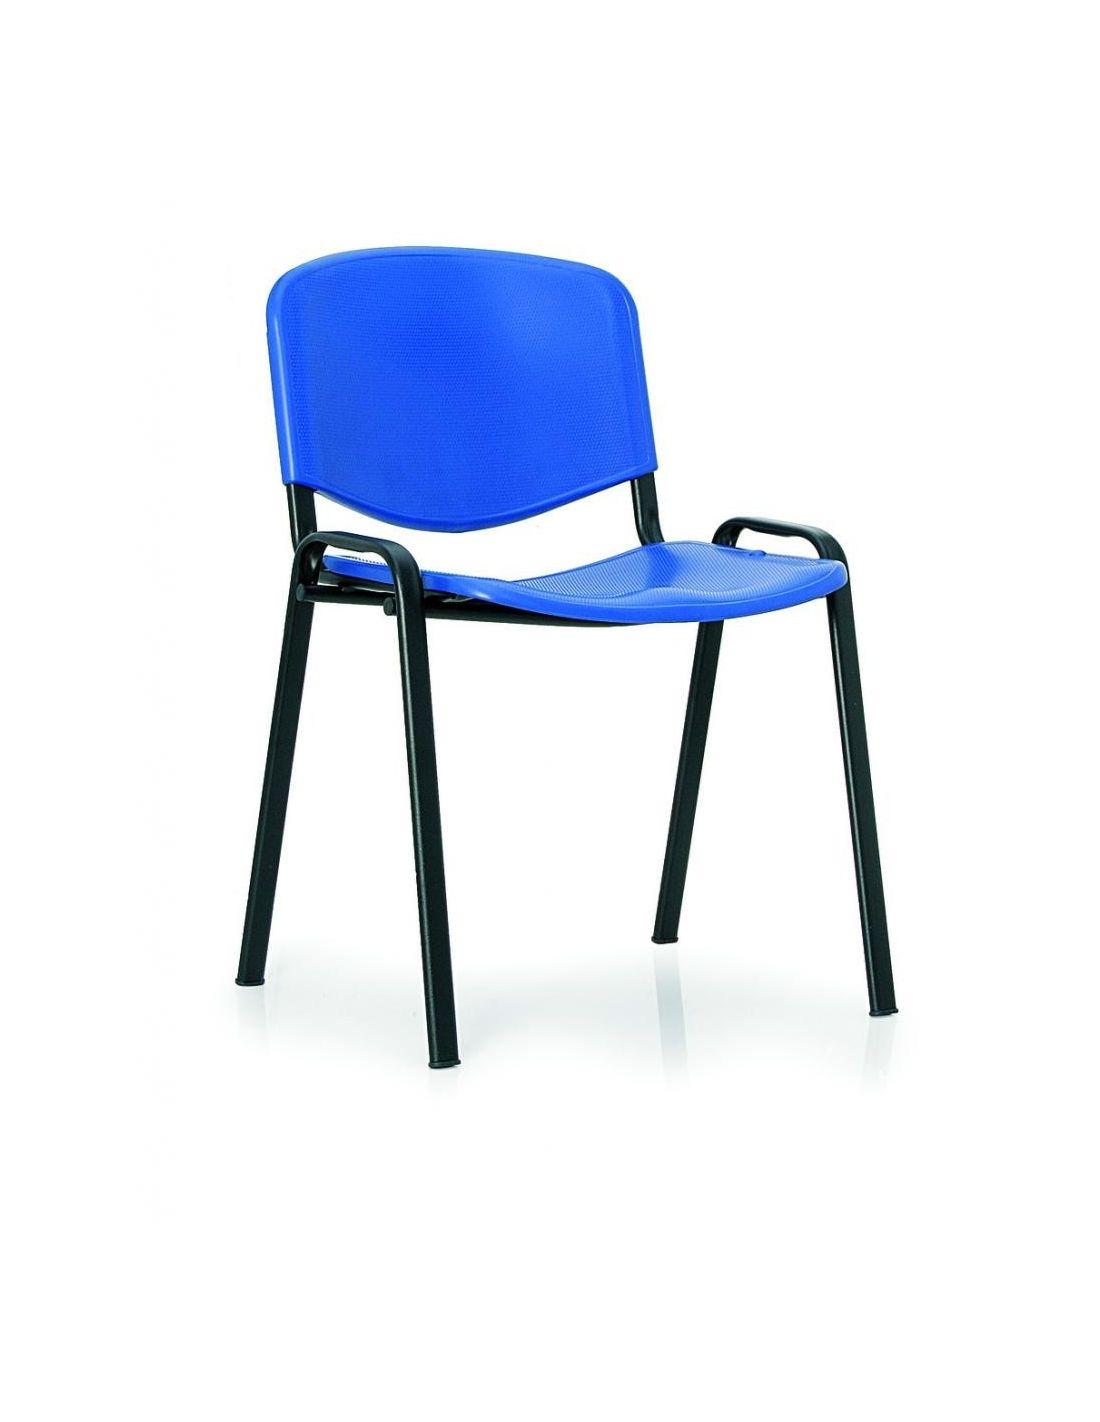 4 sedie per sala conferenza plastica braccioli tavoletta arredo sale chf - Sedie plastica design ...